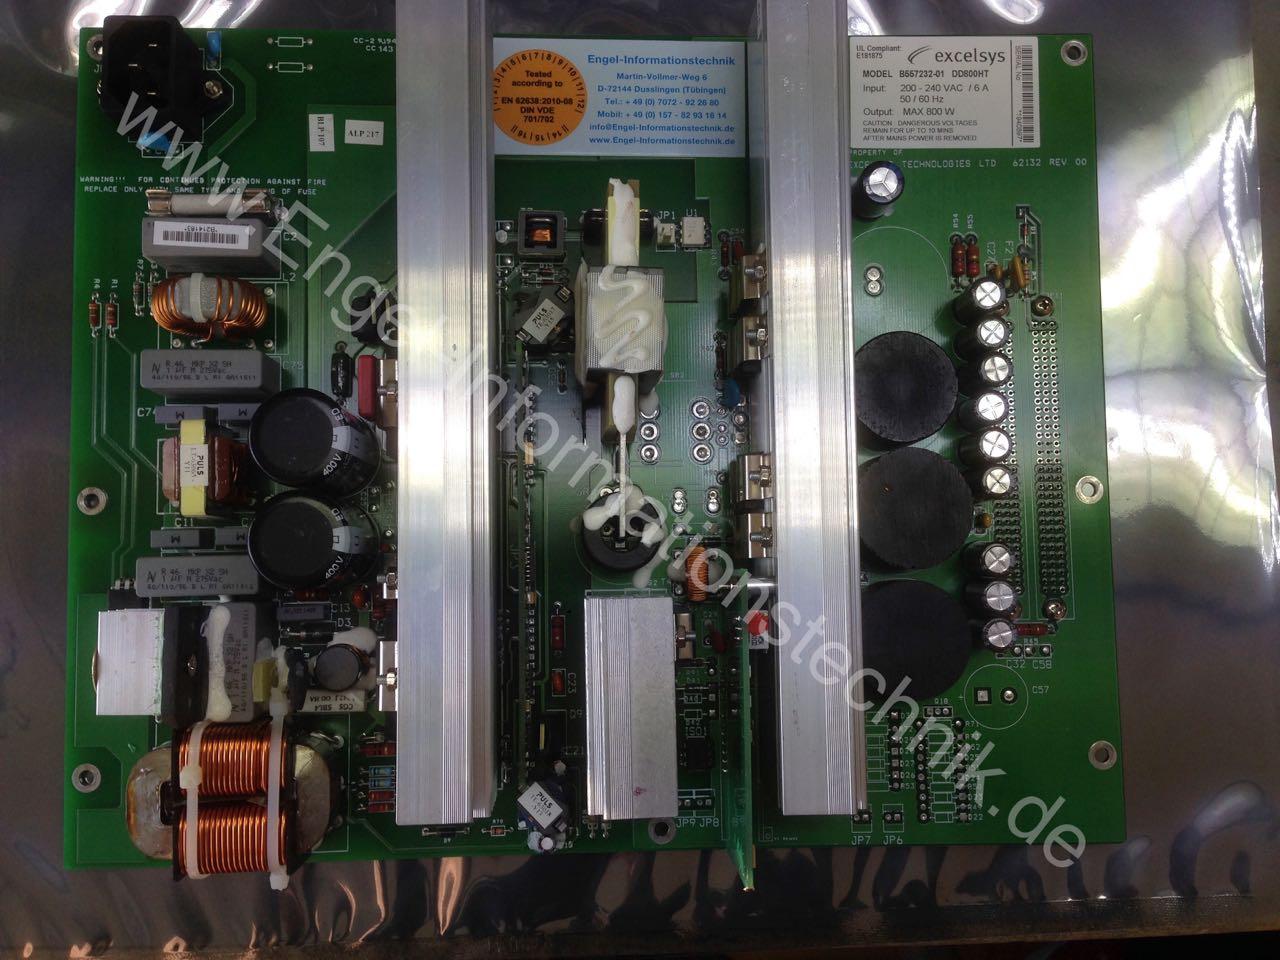 DD800HT B557232-01